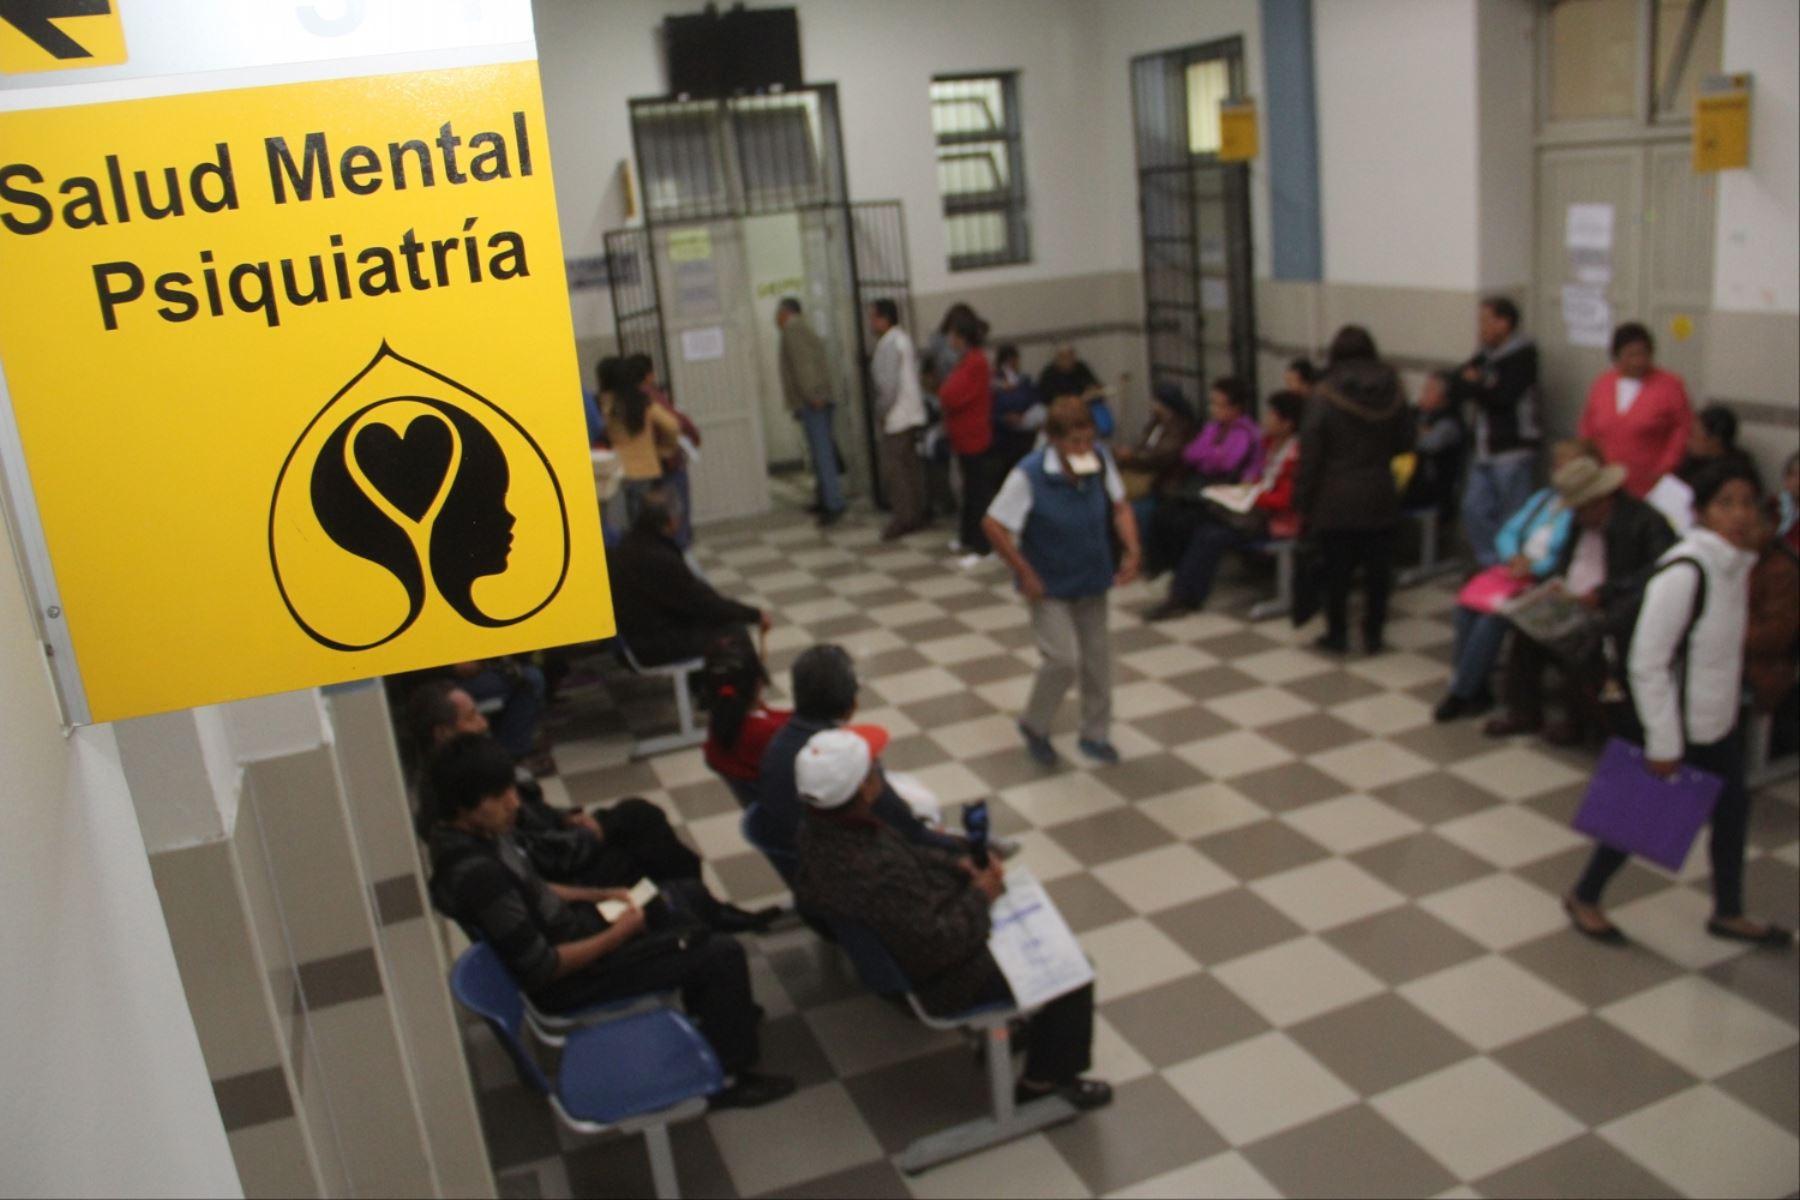 Minsa: más del 60% de los pacientes que acuden a servicios de salud mental son menores de 18 años